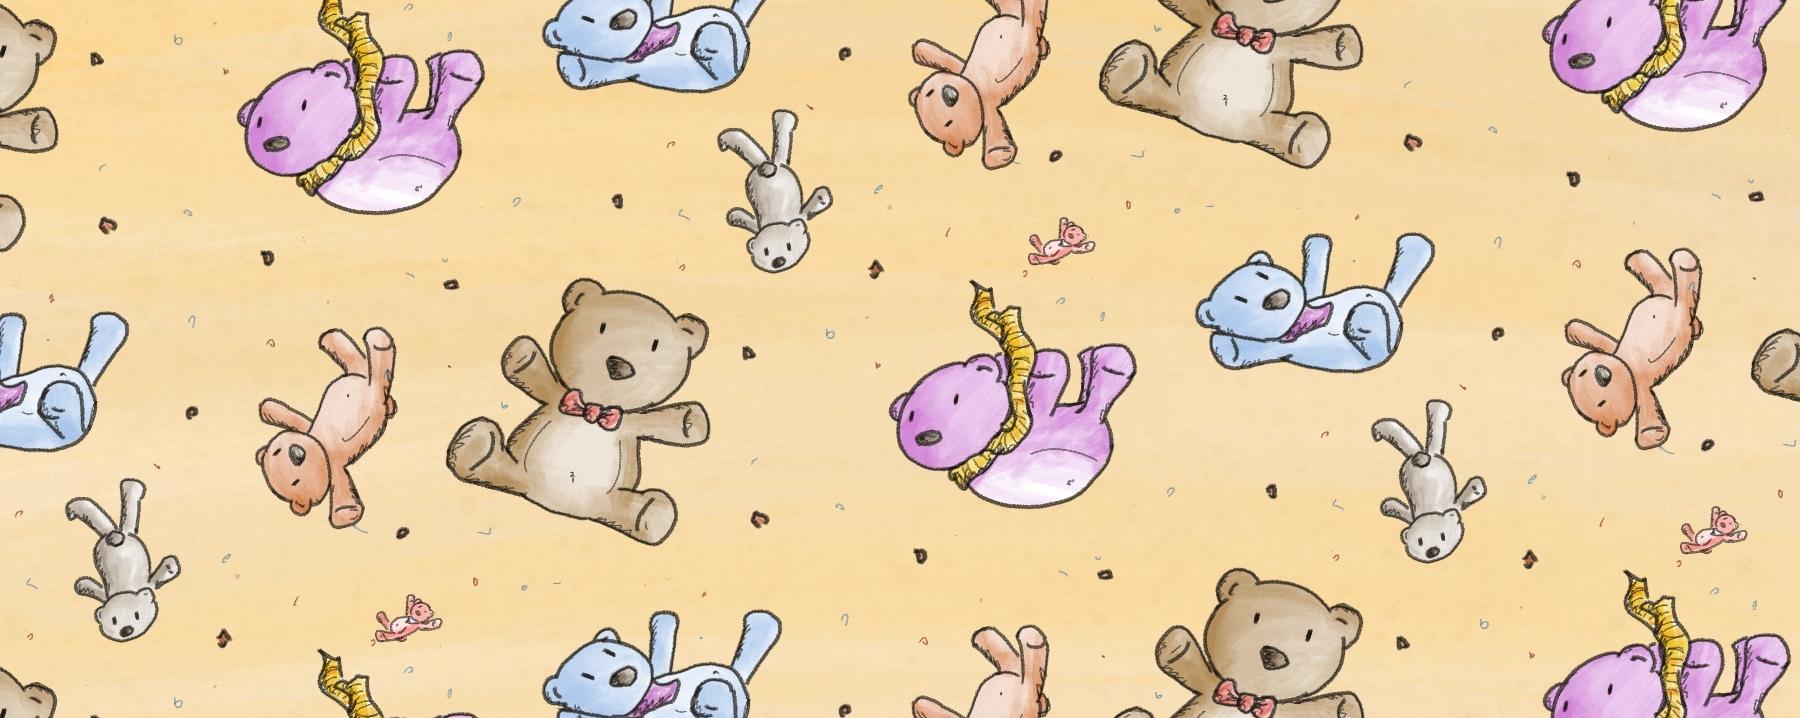 Xmas_-_Teddy_Bears.jpg